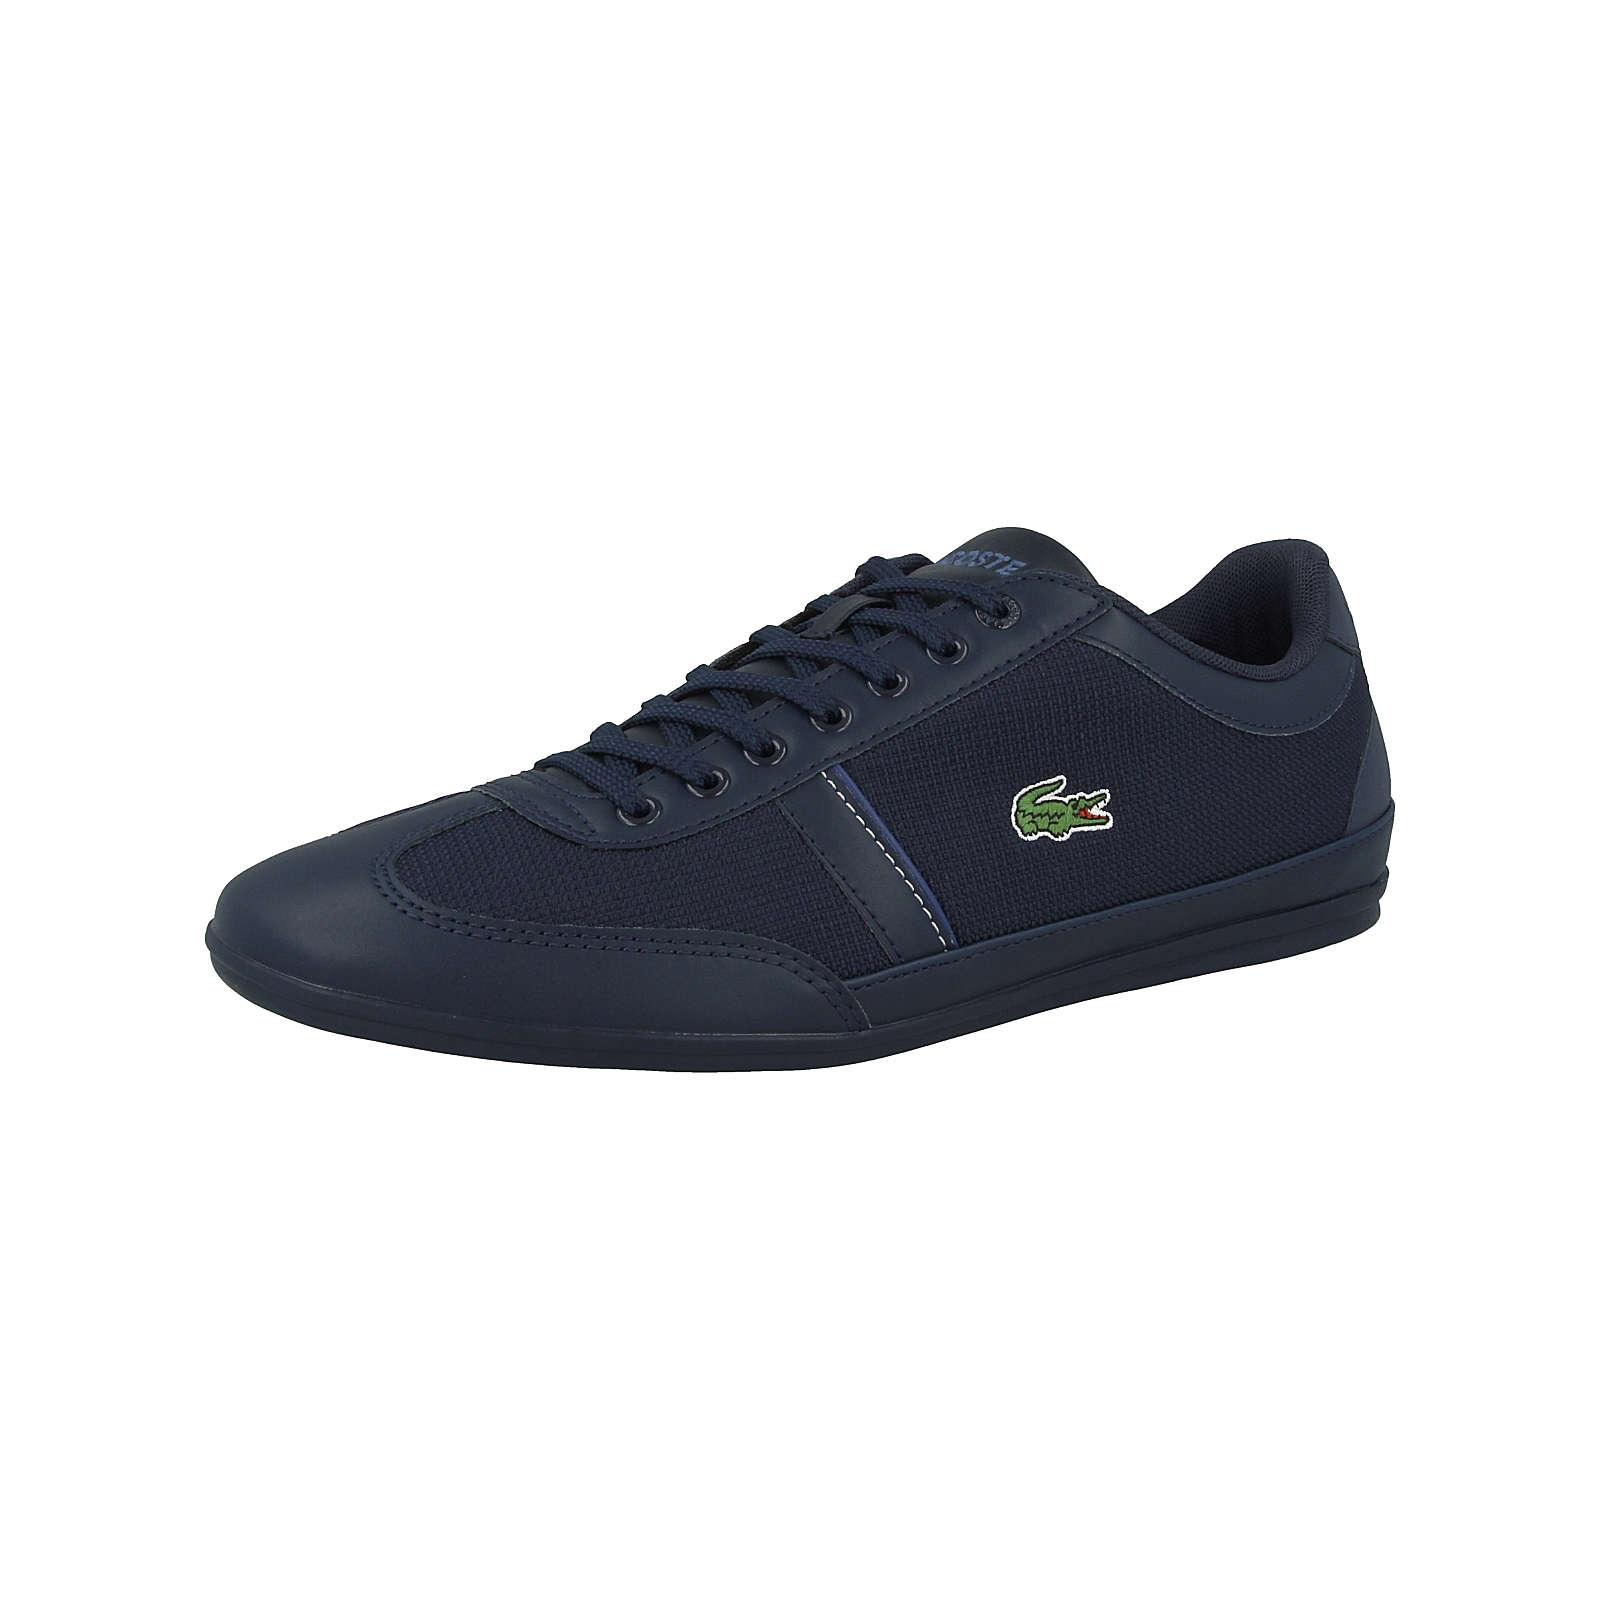 LACOSTE Schuhe Misano Sport 318 1 Sneakers Low blau Herren Gr. 44,5